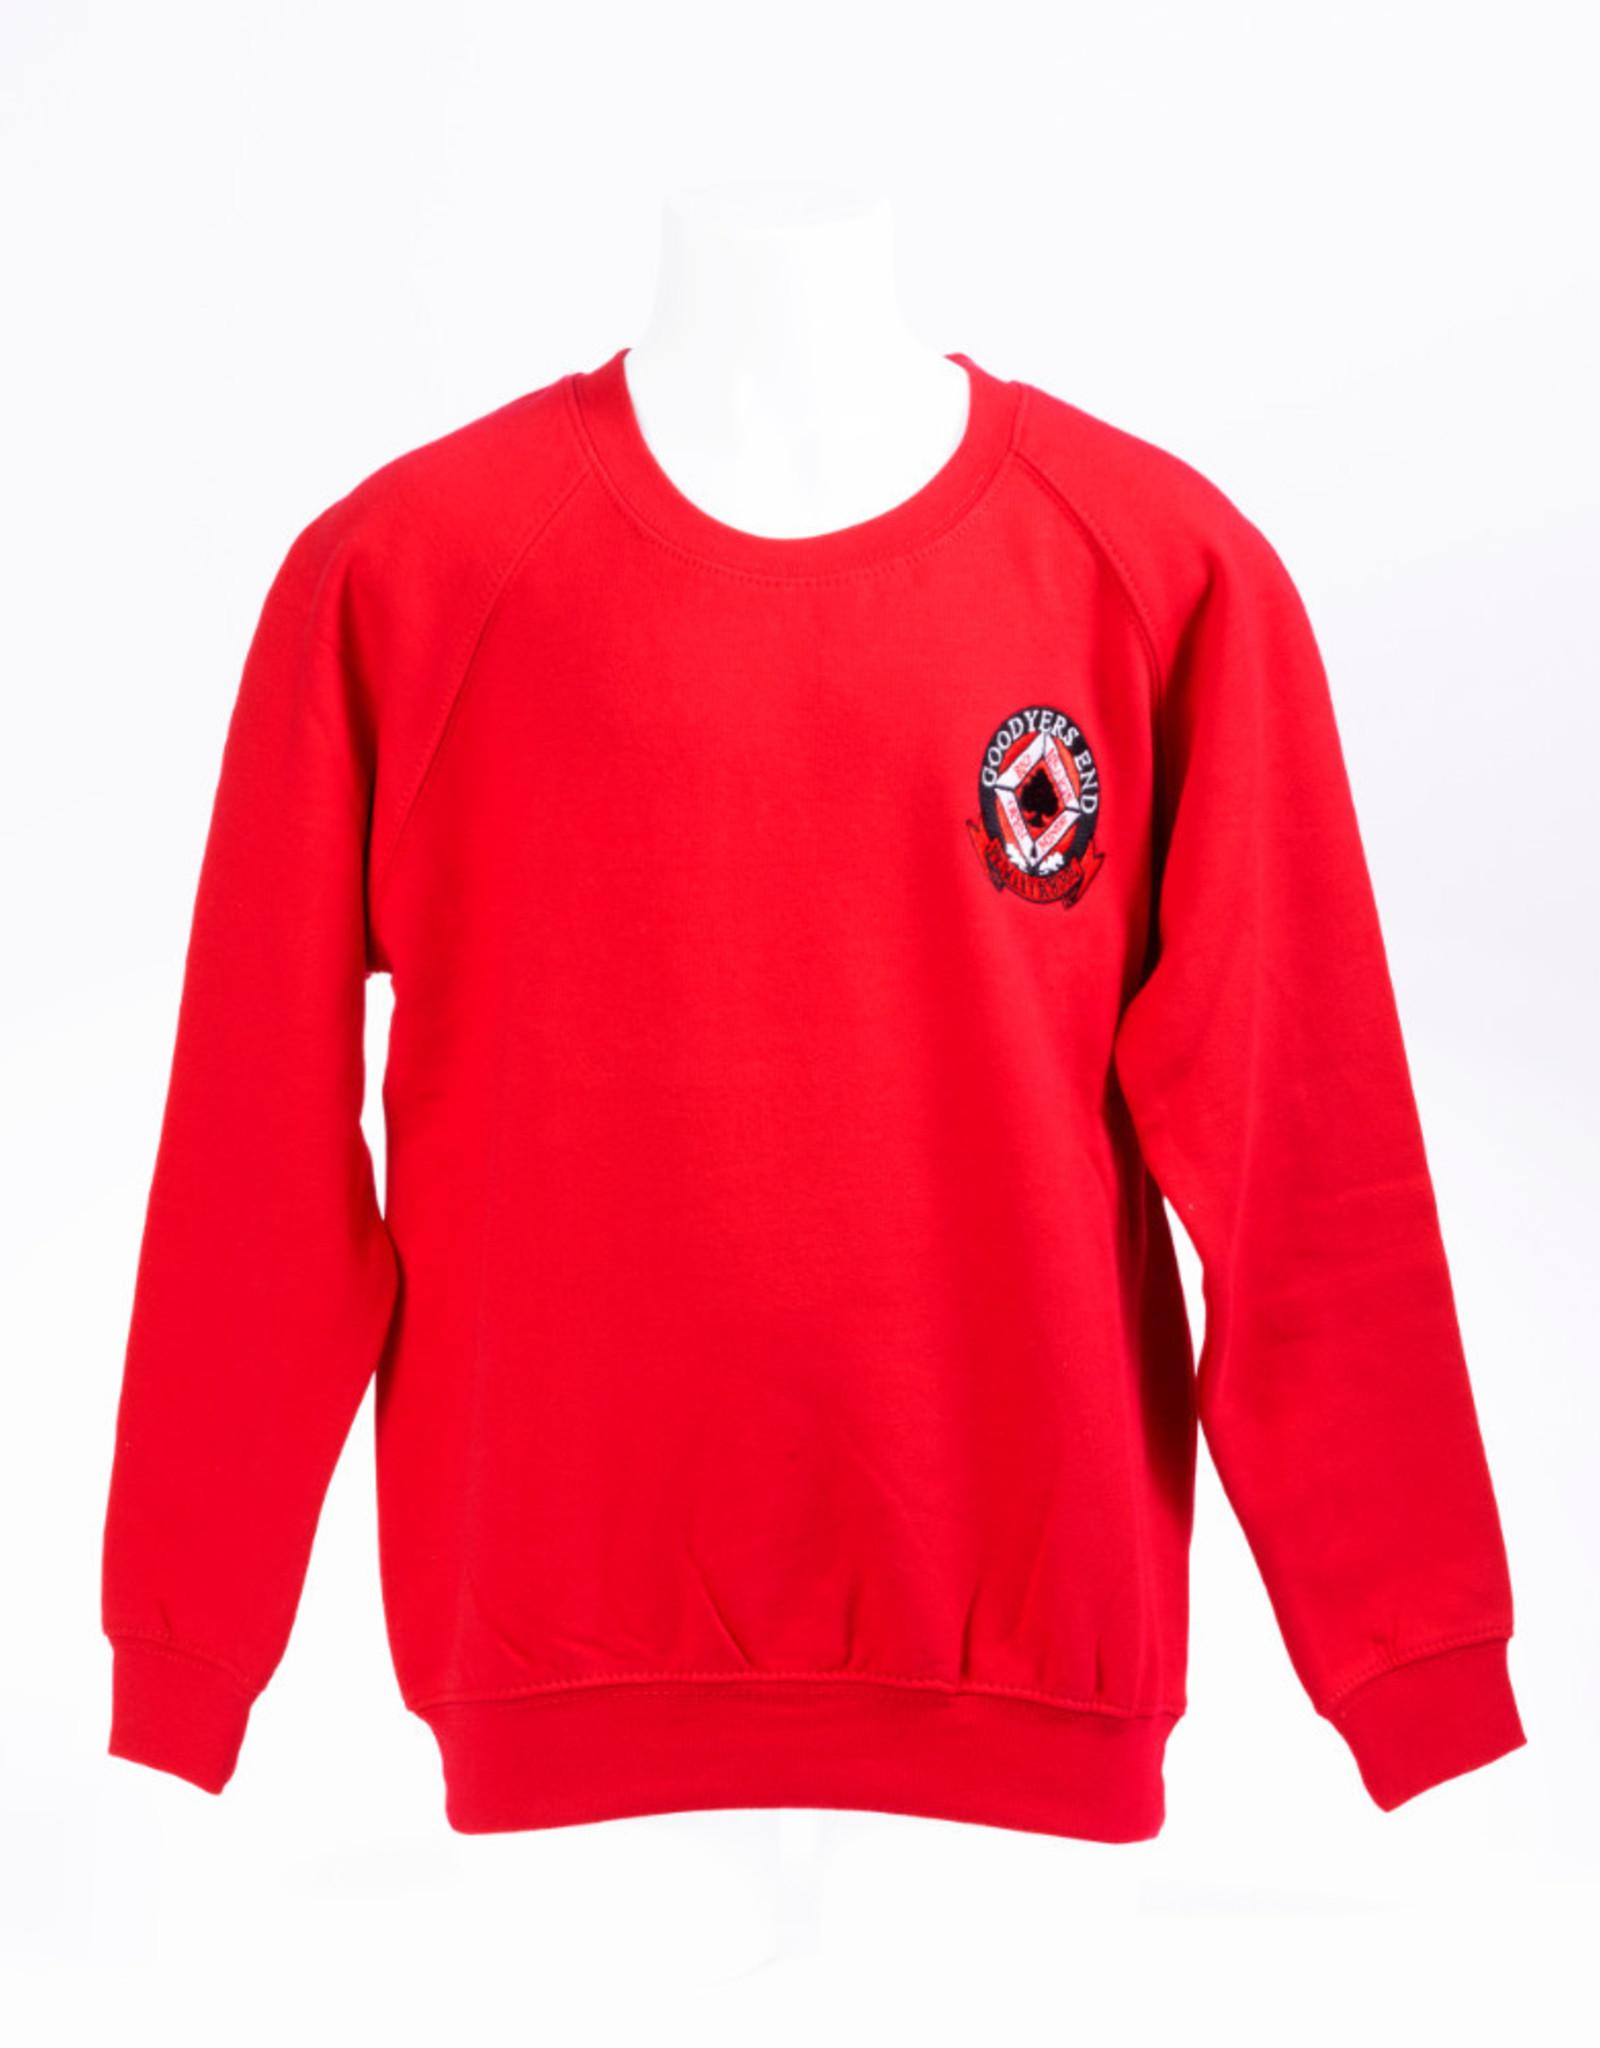 Sweatshirt Adult Size - Goodyers End School